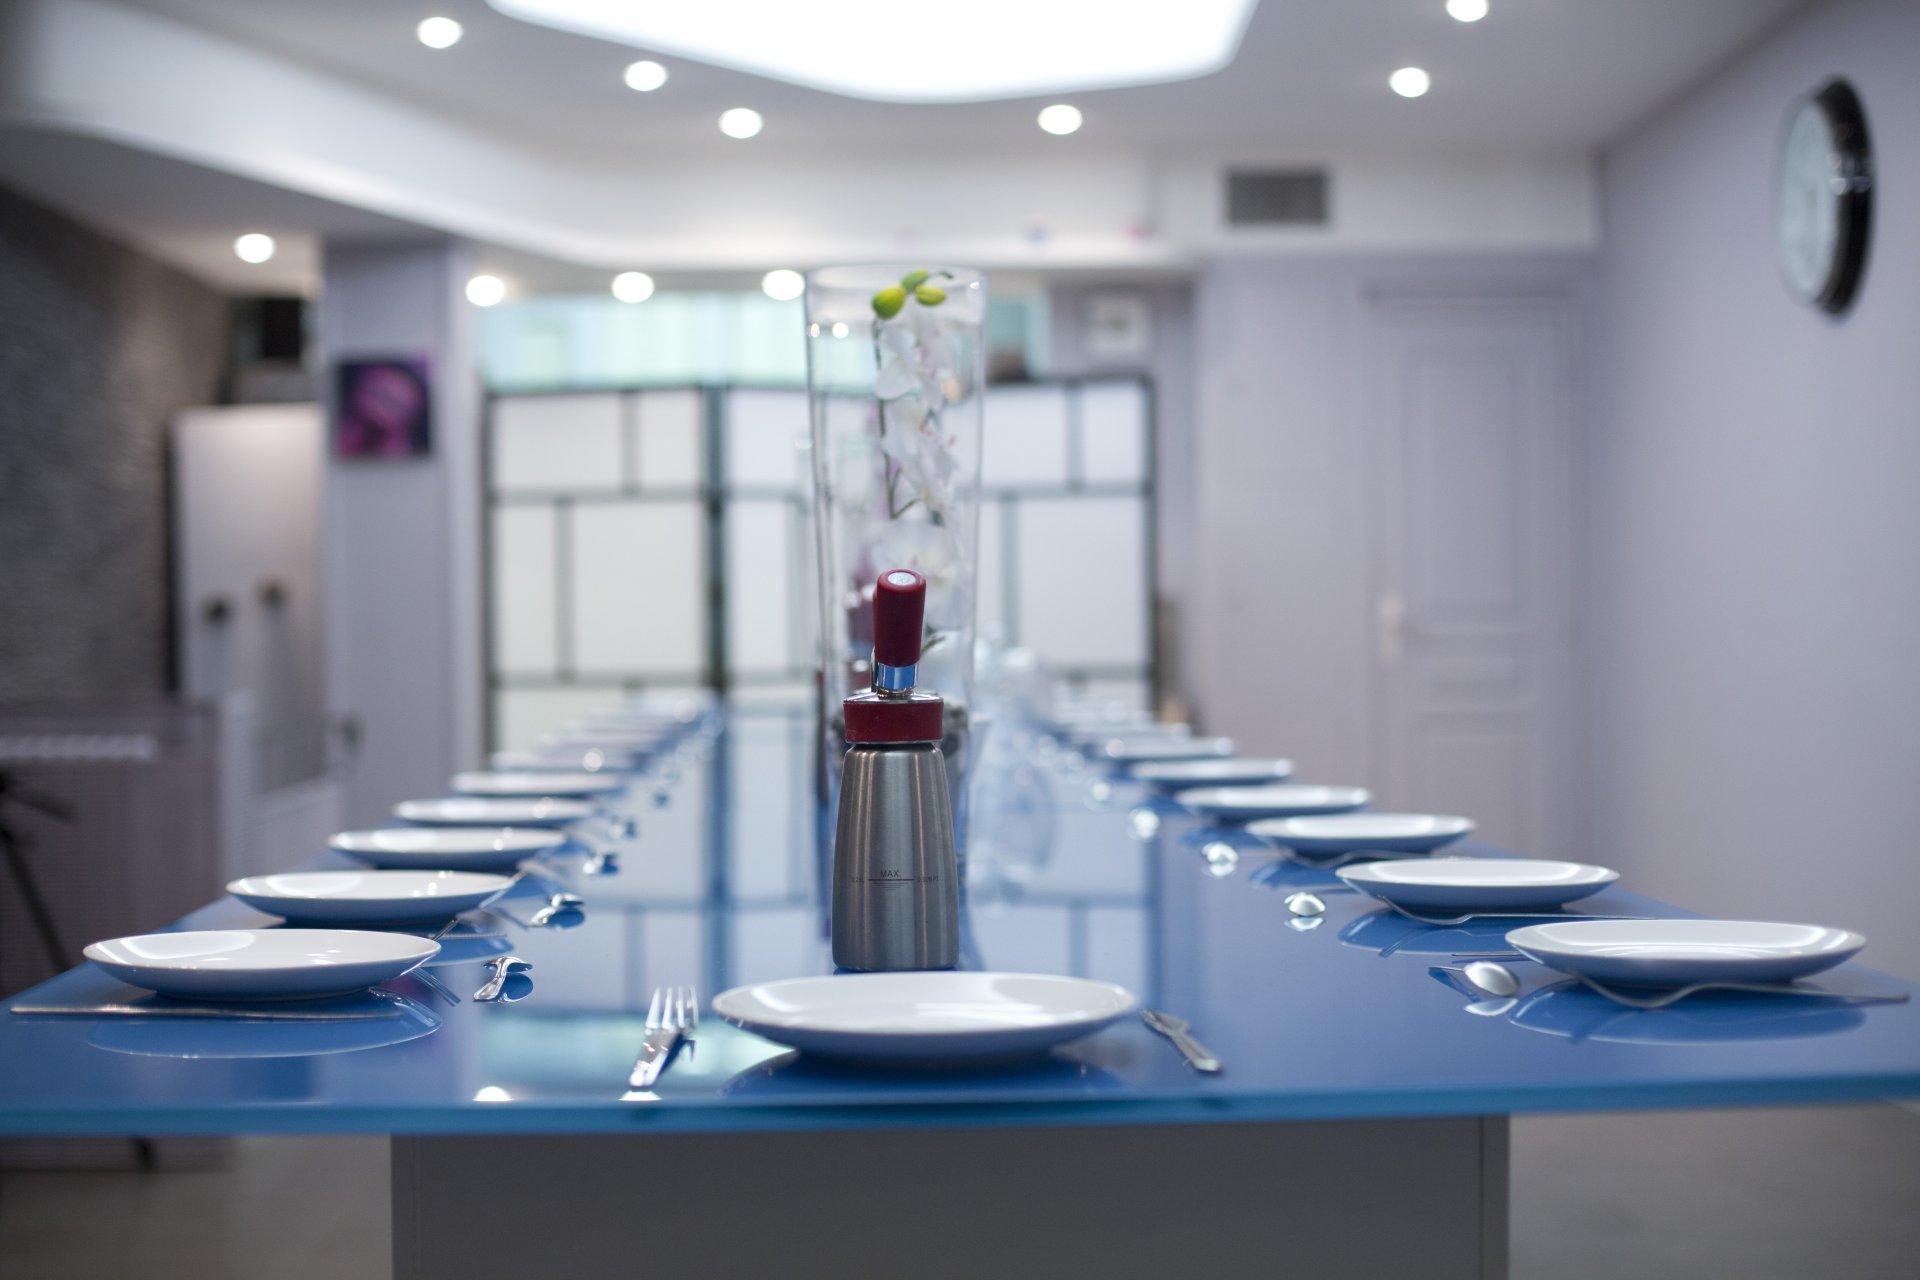 Cours de cuisine dans le 17 me arrondissement paris - Ecole de cuisine ferrandi paris restaurant ...